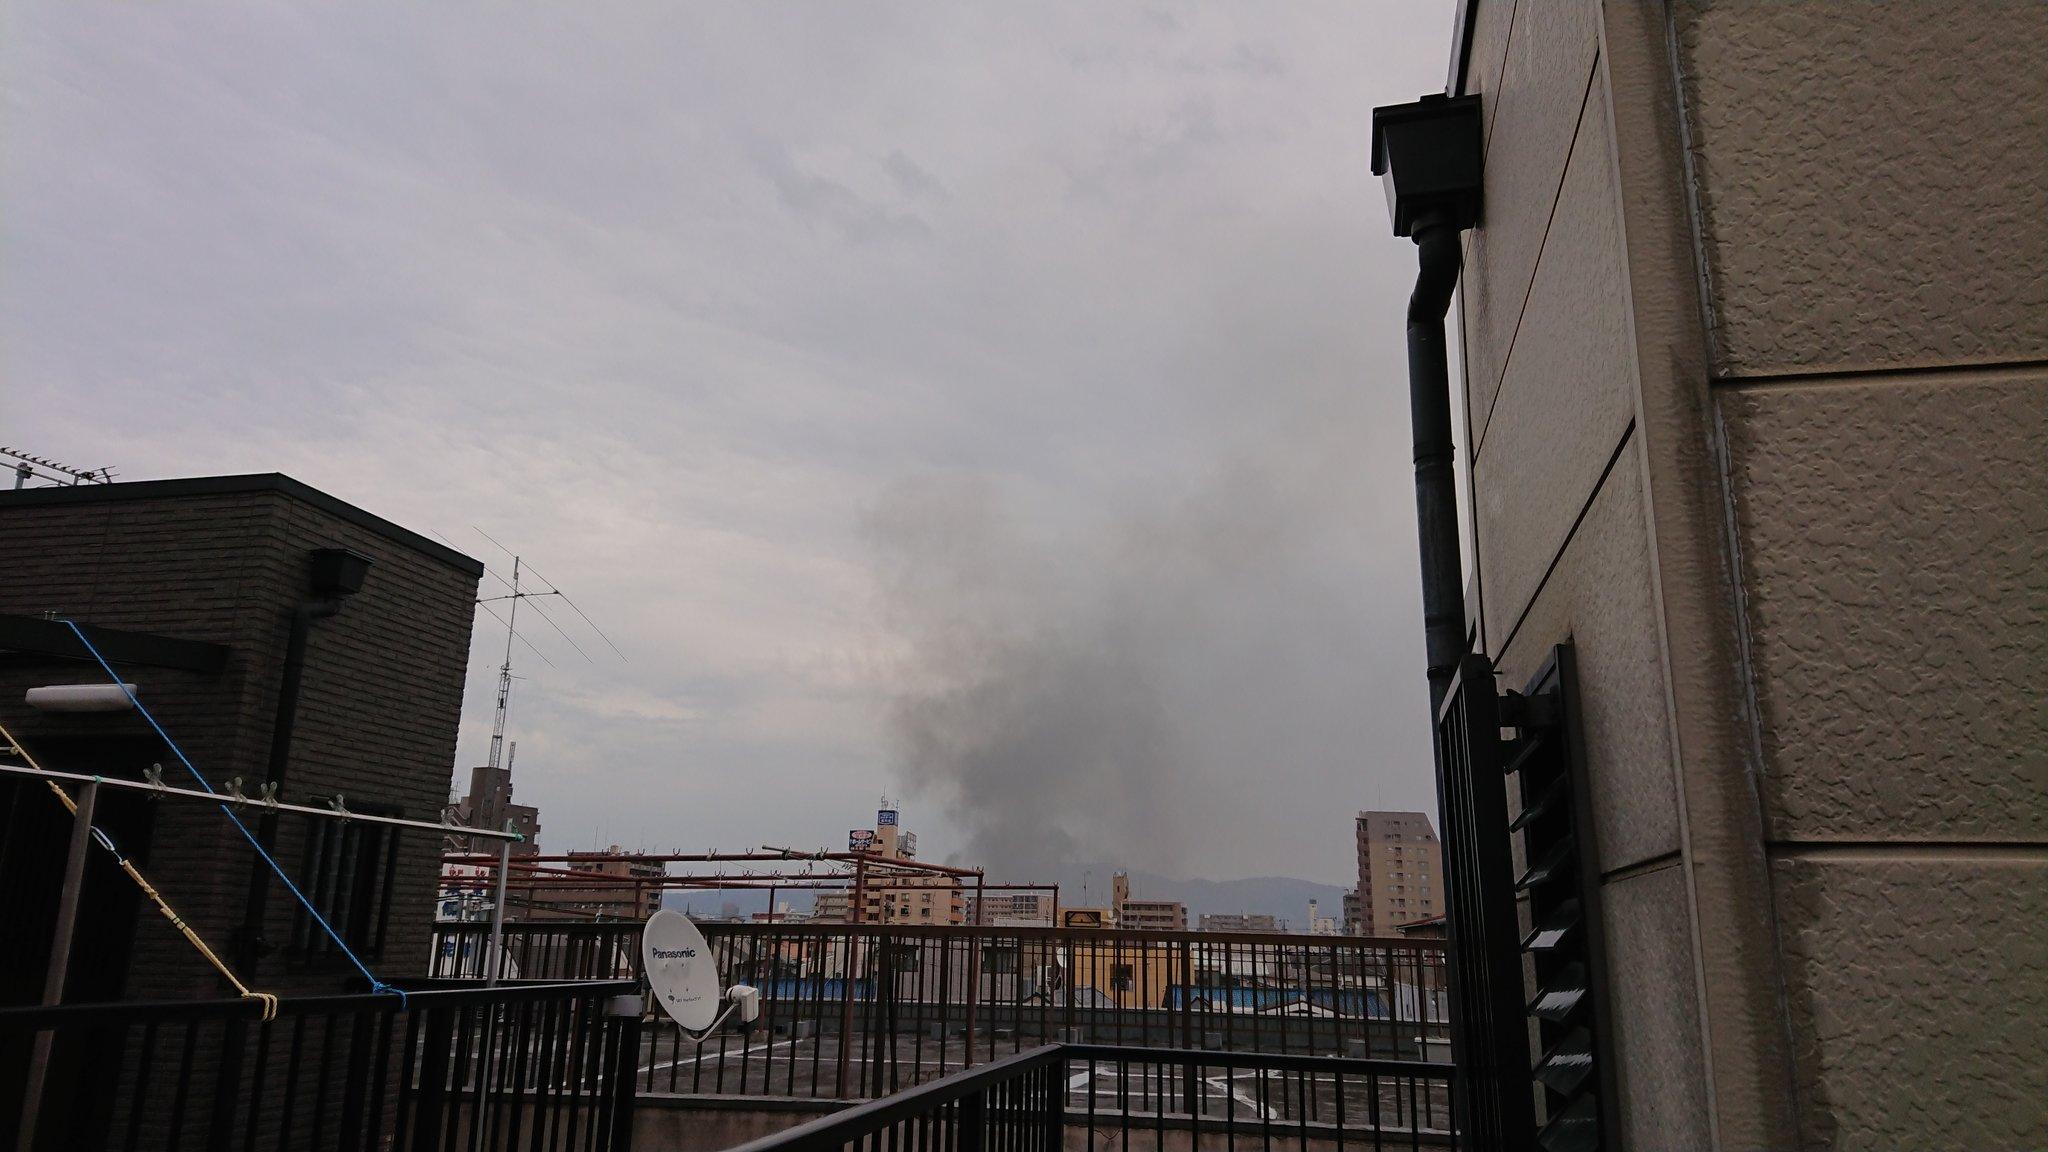 画像,近くで火事煙と臭いがしてる大丈夫かな?場所的に小学校が近いみたいで心配。 https://t.co/XD6CV195Sj…